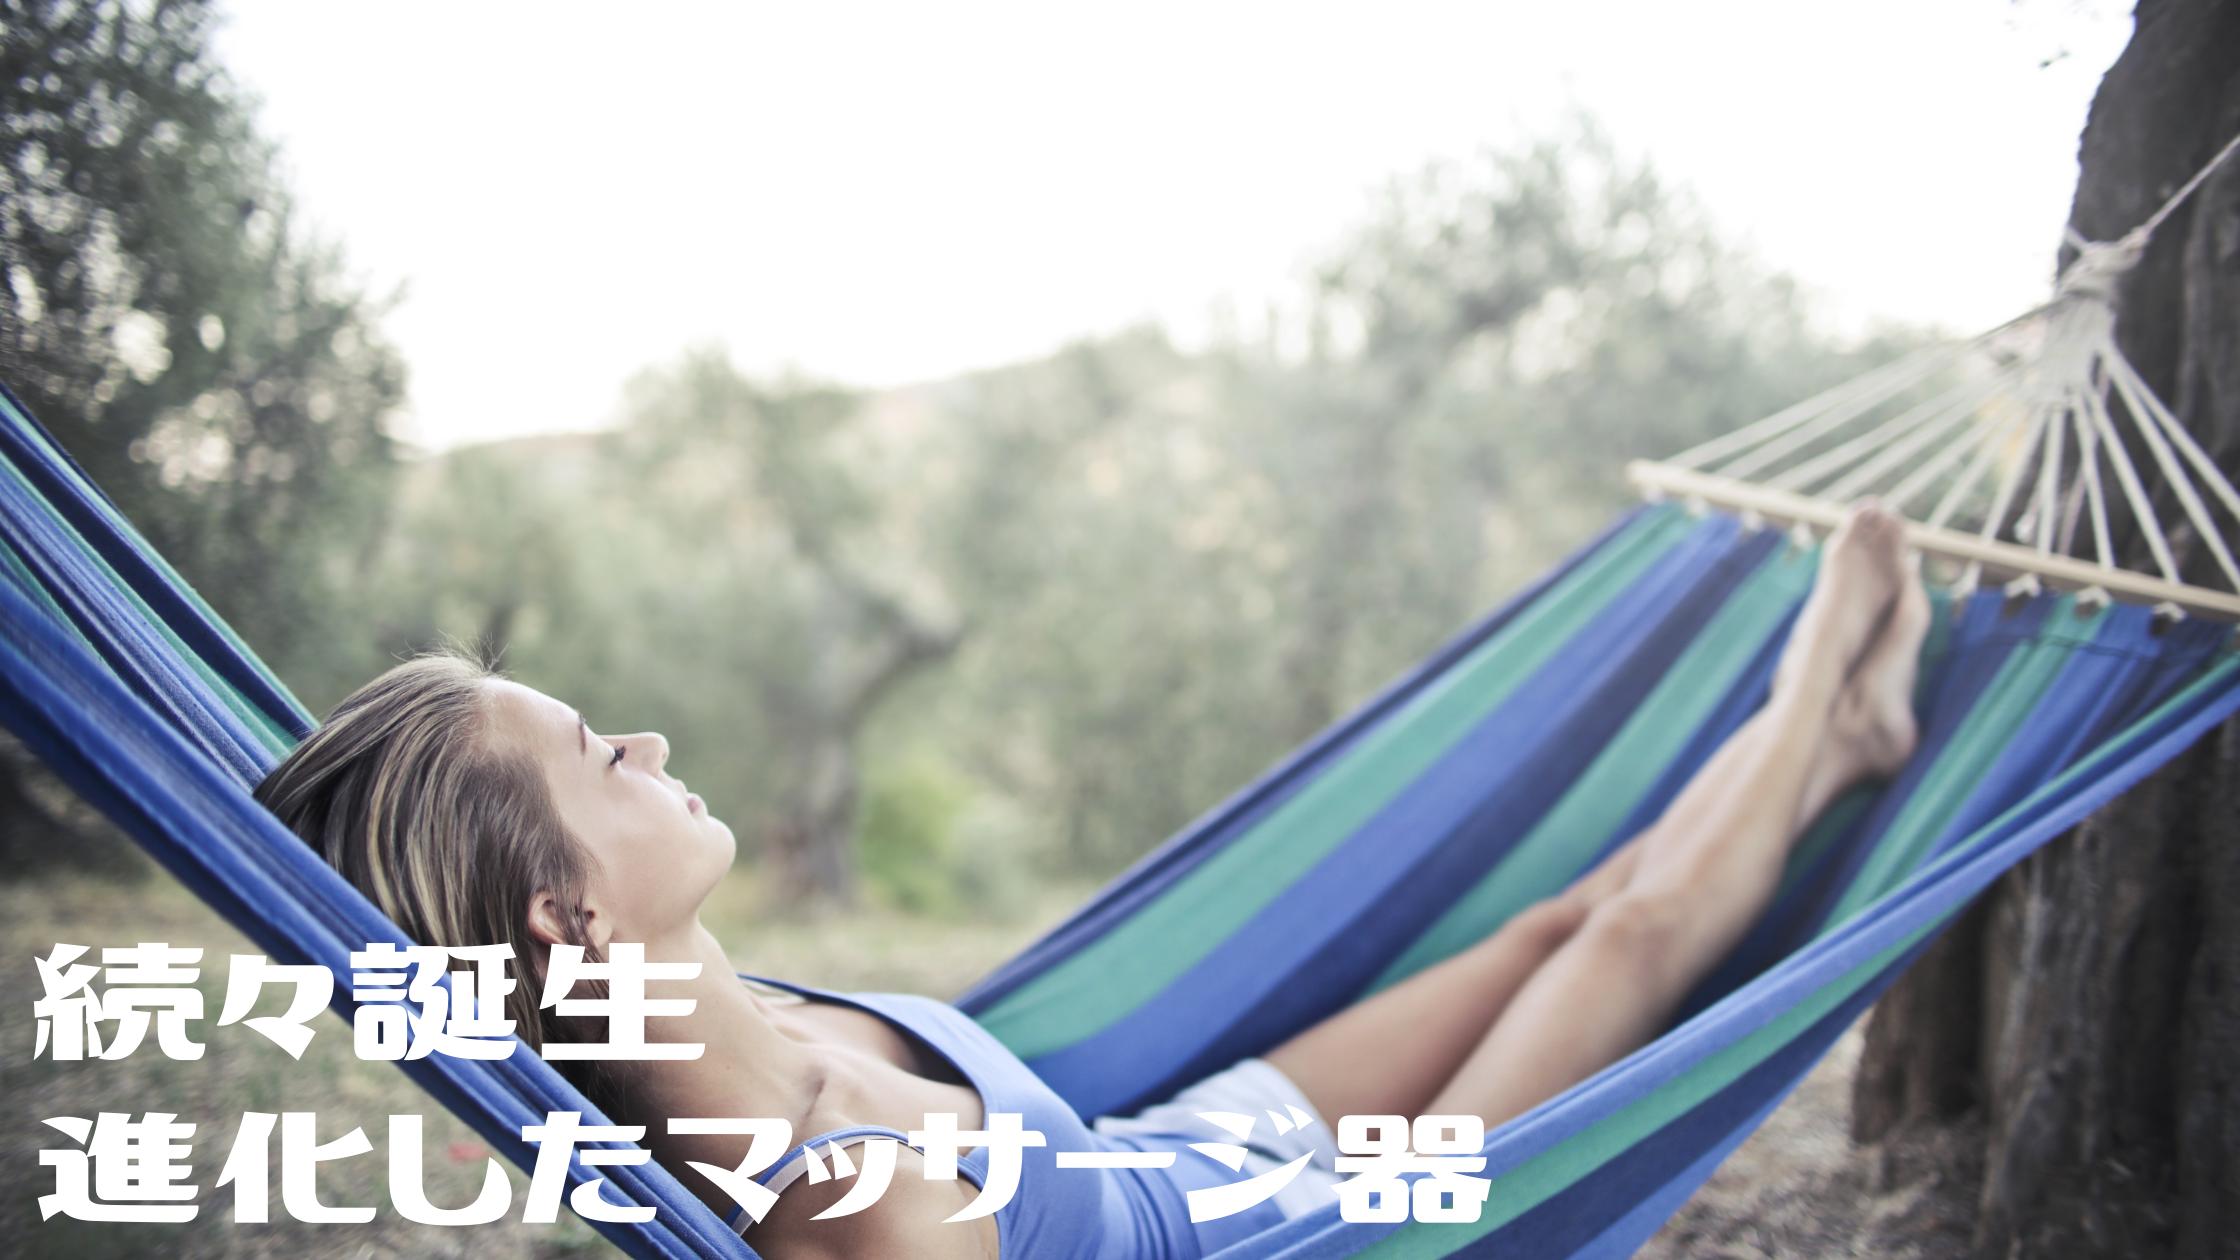 【サタデープラス】マッサージ『ホットネックマッサージ』『低周波治療器』『マッサージガン』ベスト5